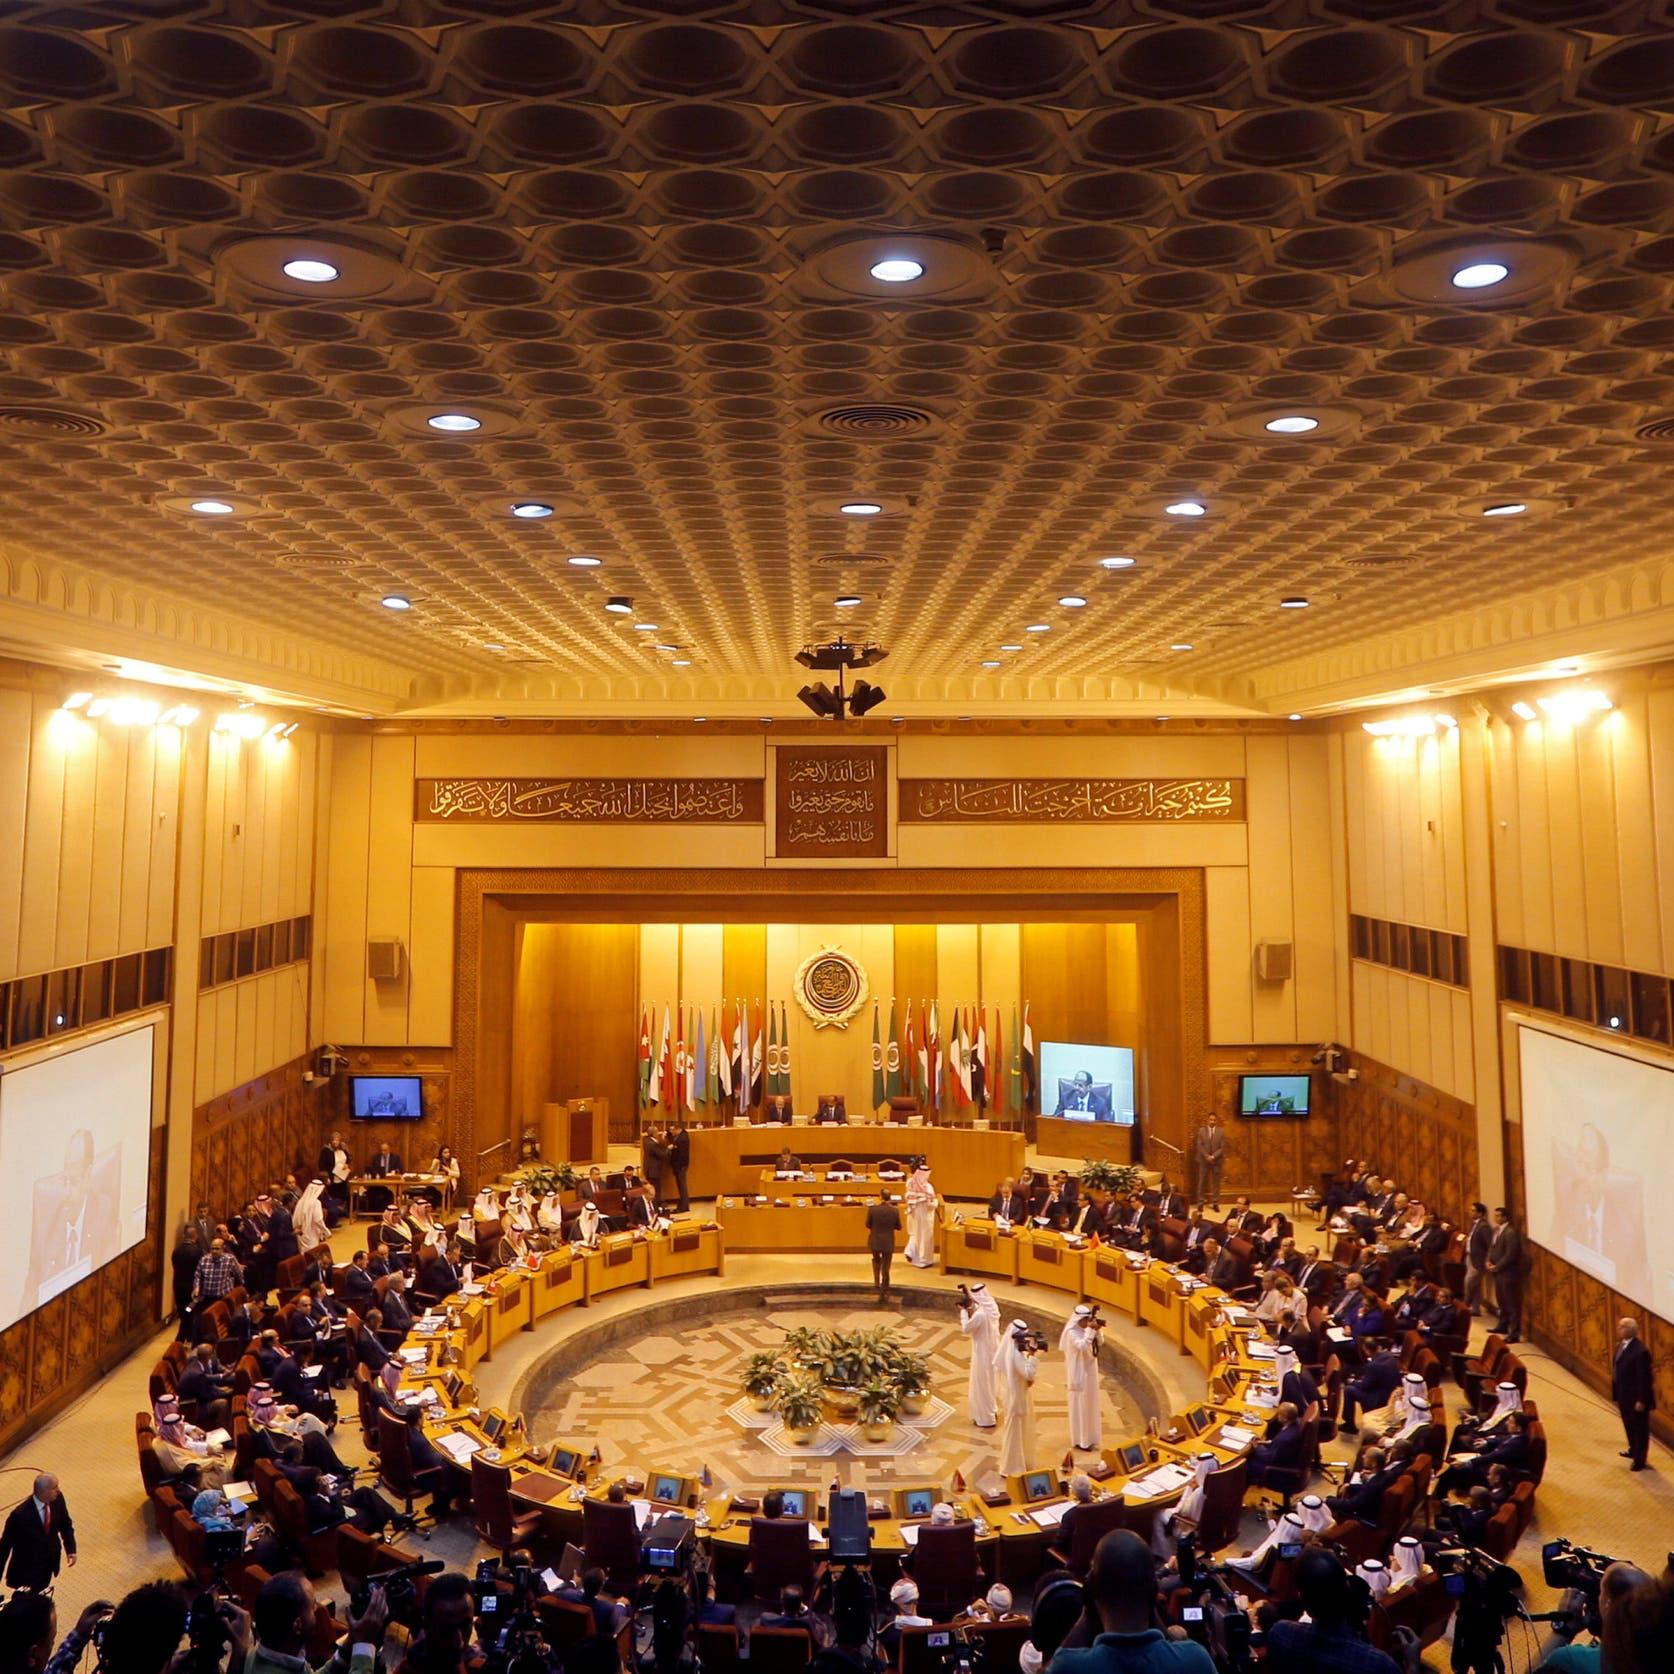 لتسوية كاملة.. الجامعة العربية تستضيف اجتماعا حول ليبيا